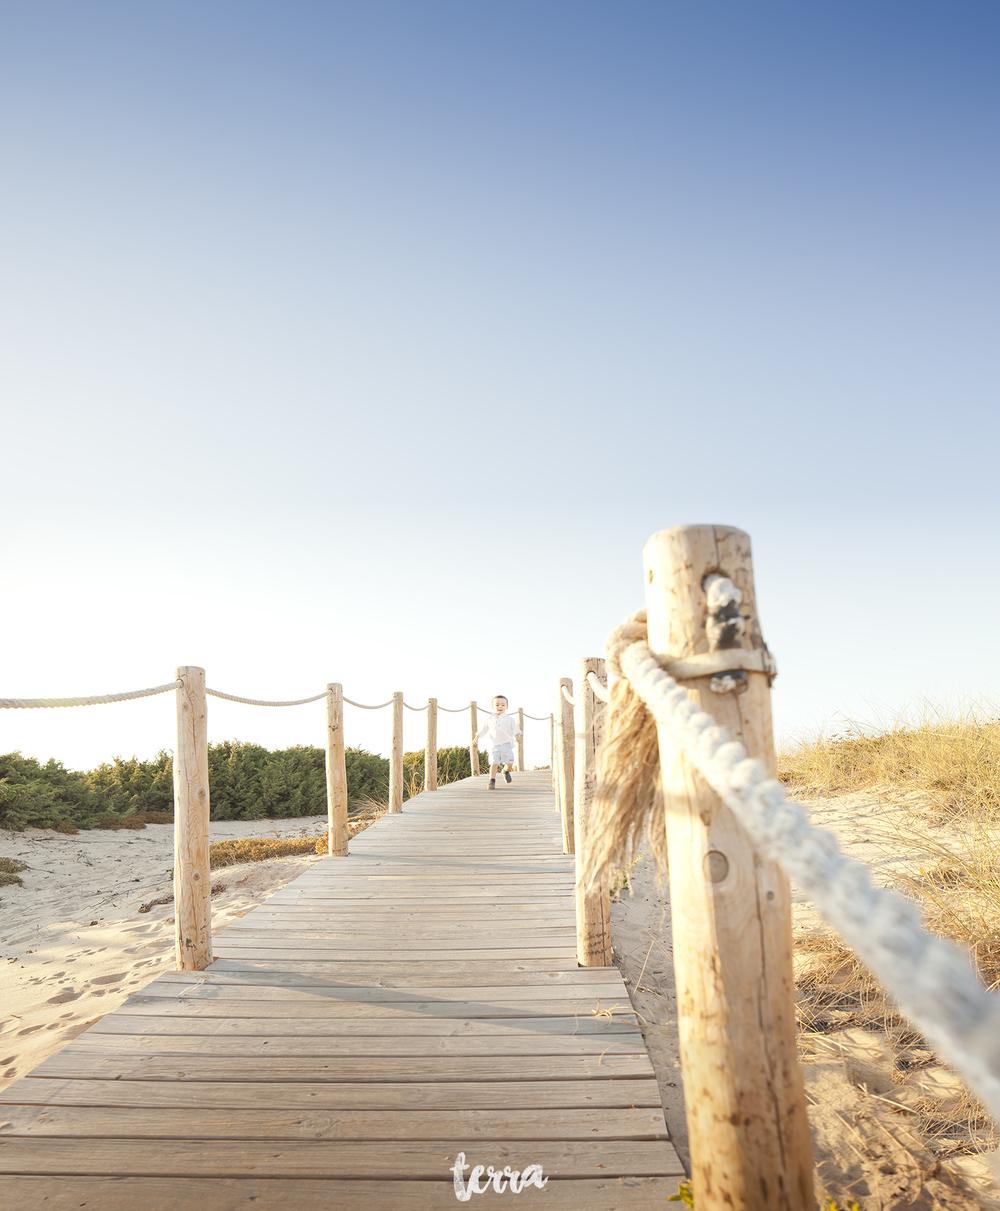 sessao-fotografica-familia-duna-cresmina-terra-fotografia-0019.jpg